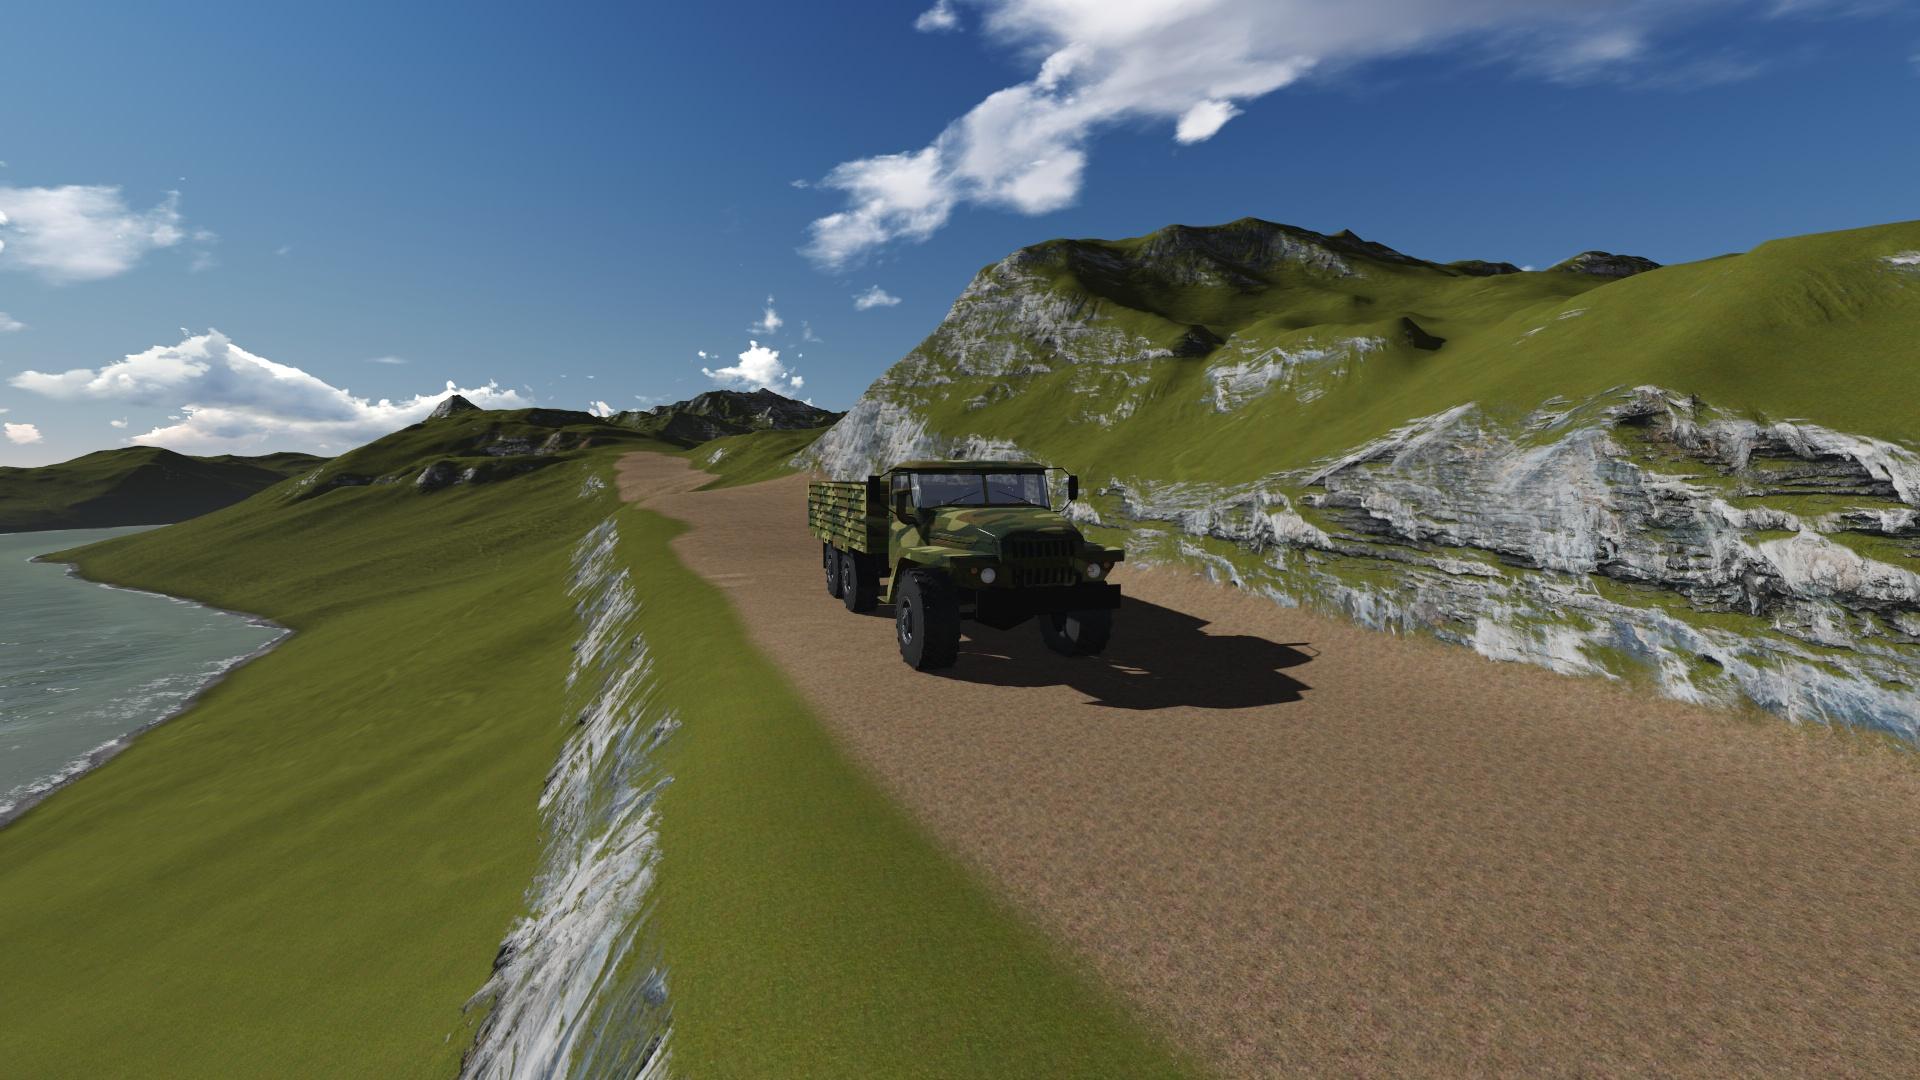 我用3dmax做的军用卡车模型,请大家指点